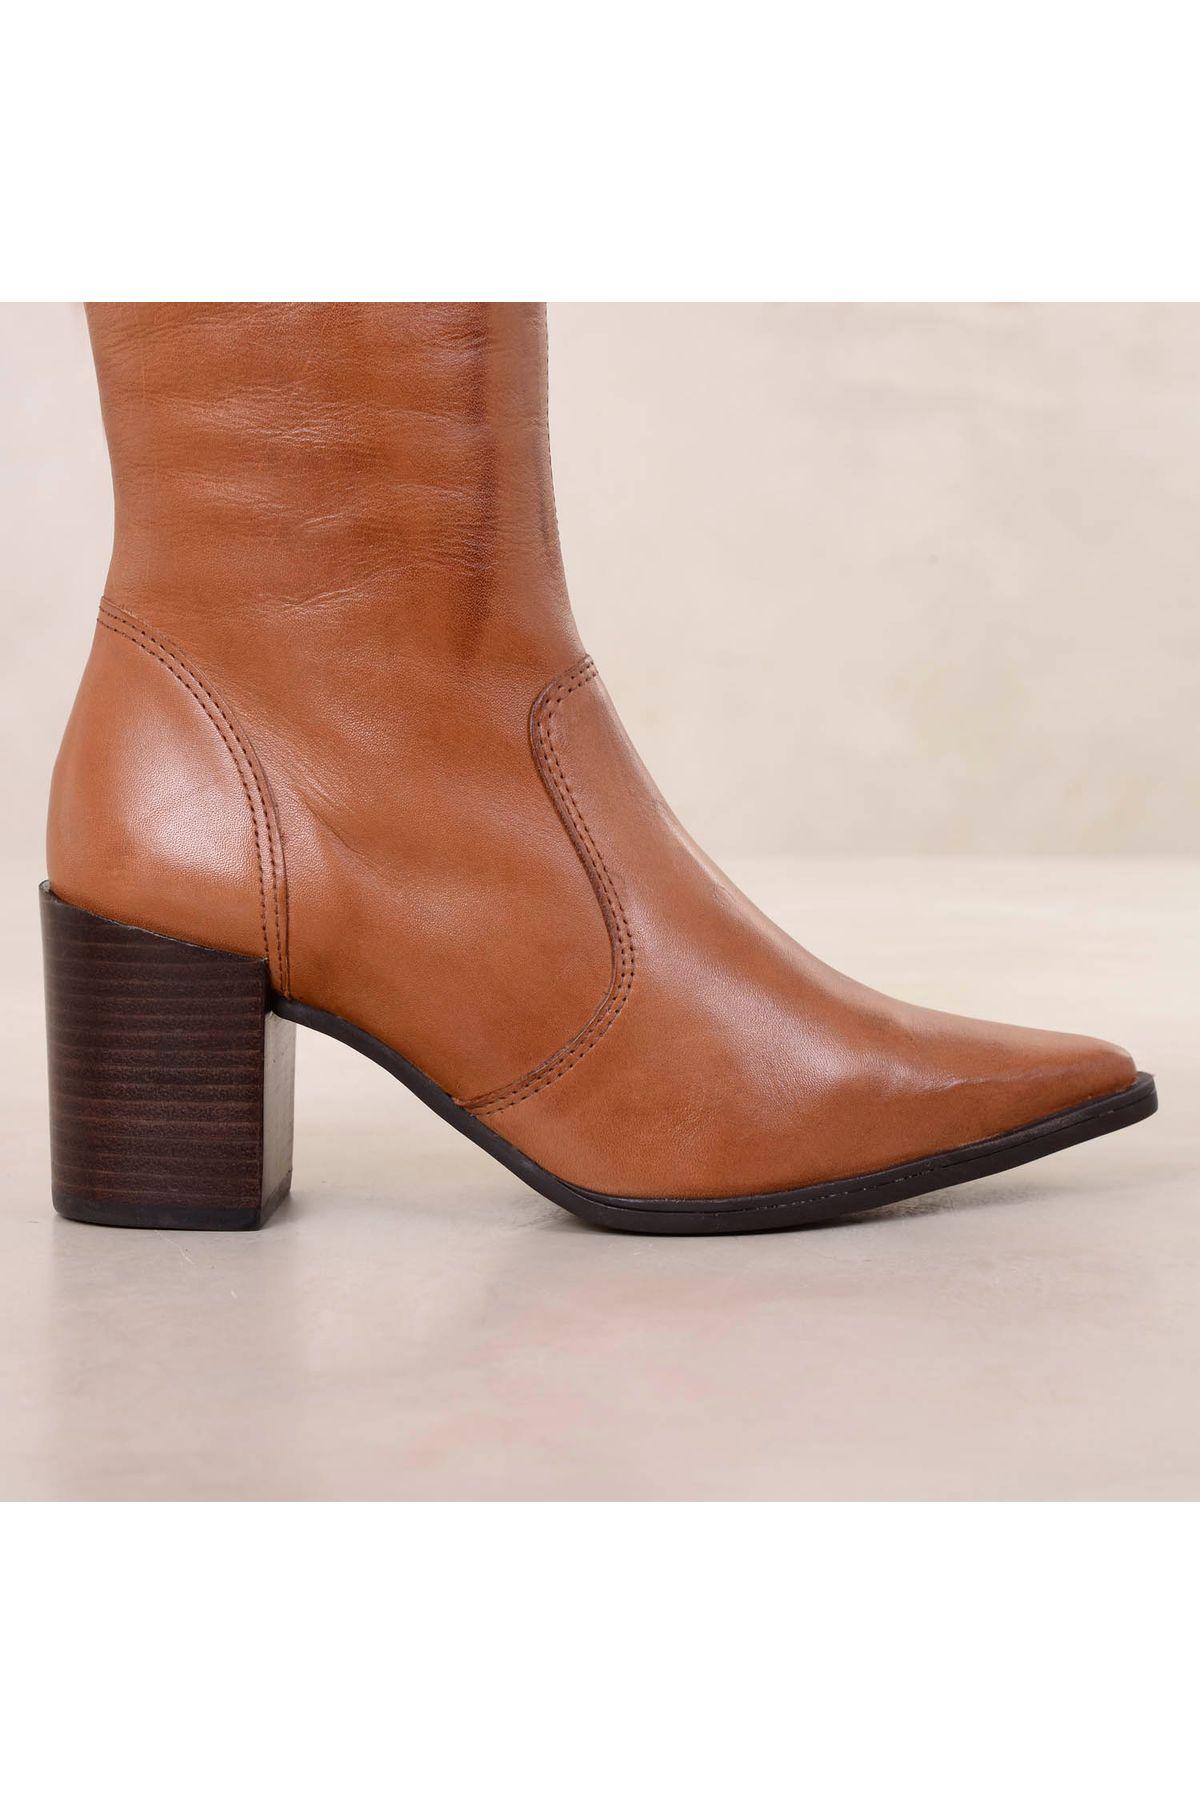 a01ca2191 Bota Feminina Camila Mundial | Mundial Calçados - Mundial Calçados